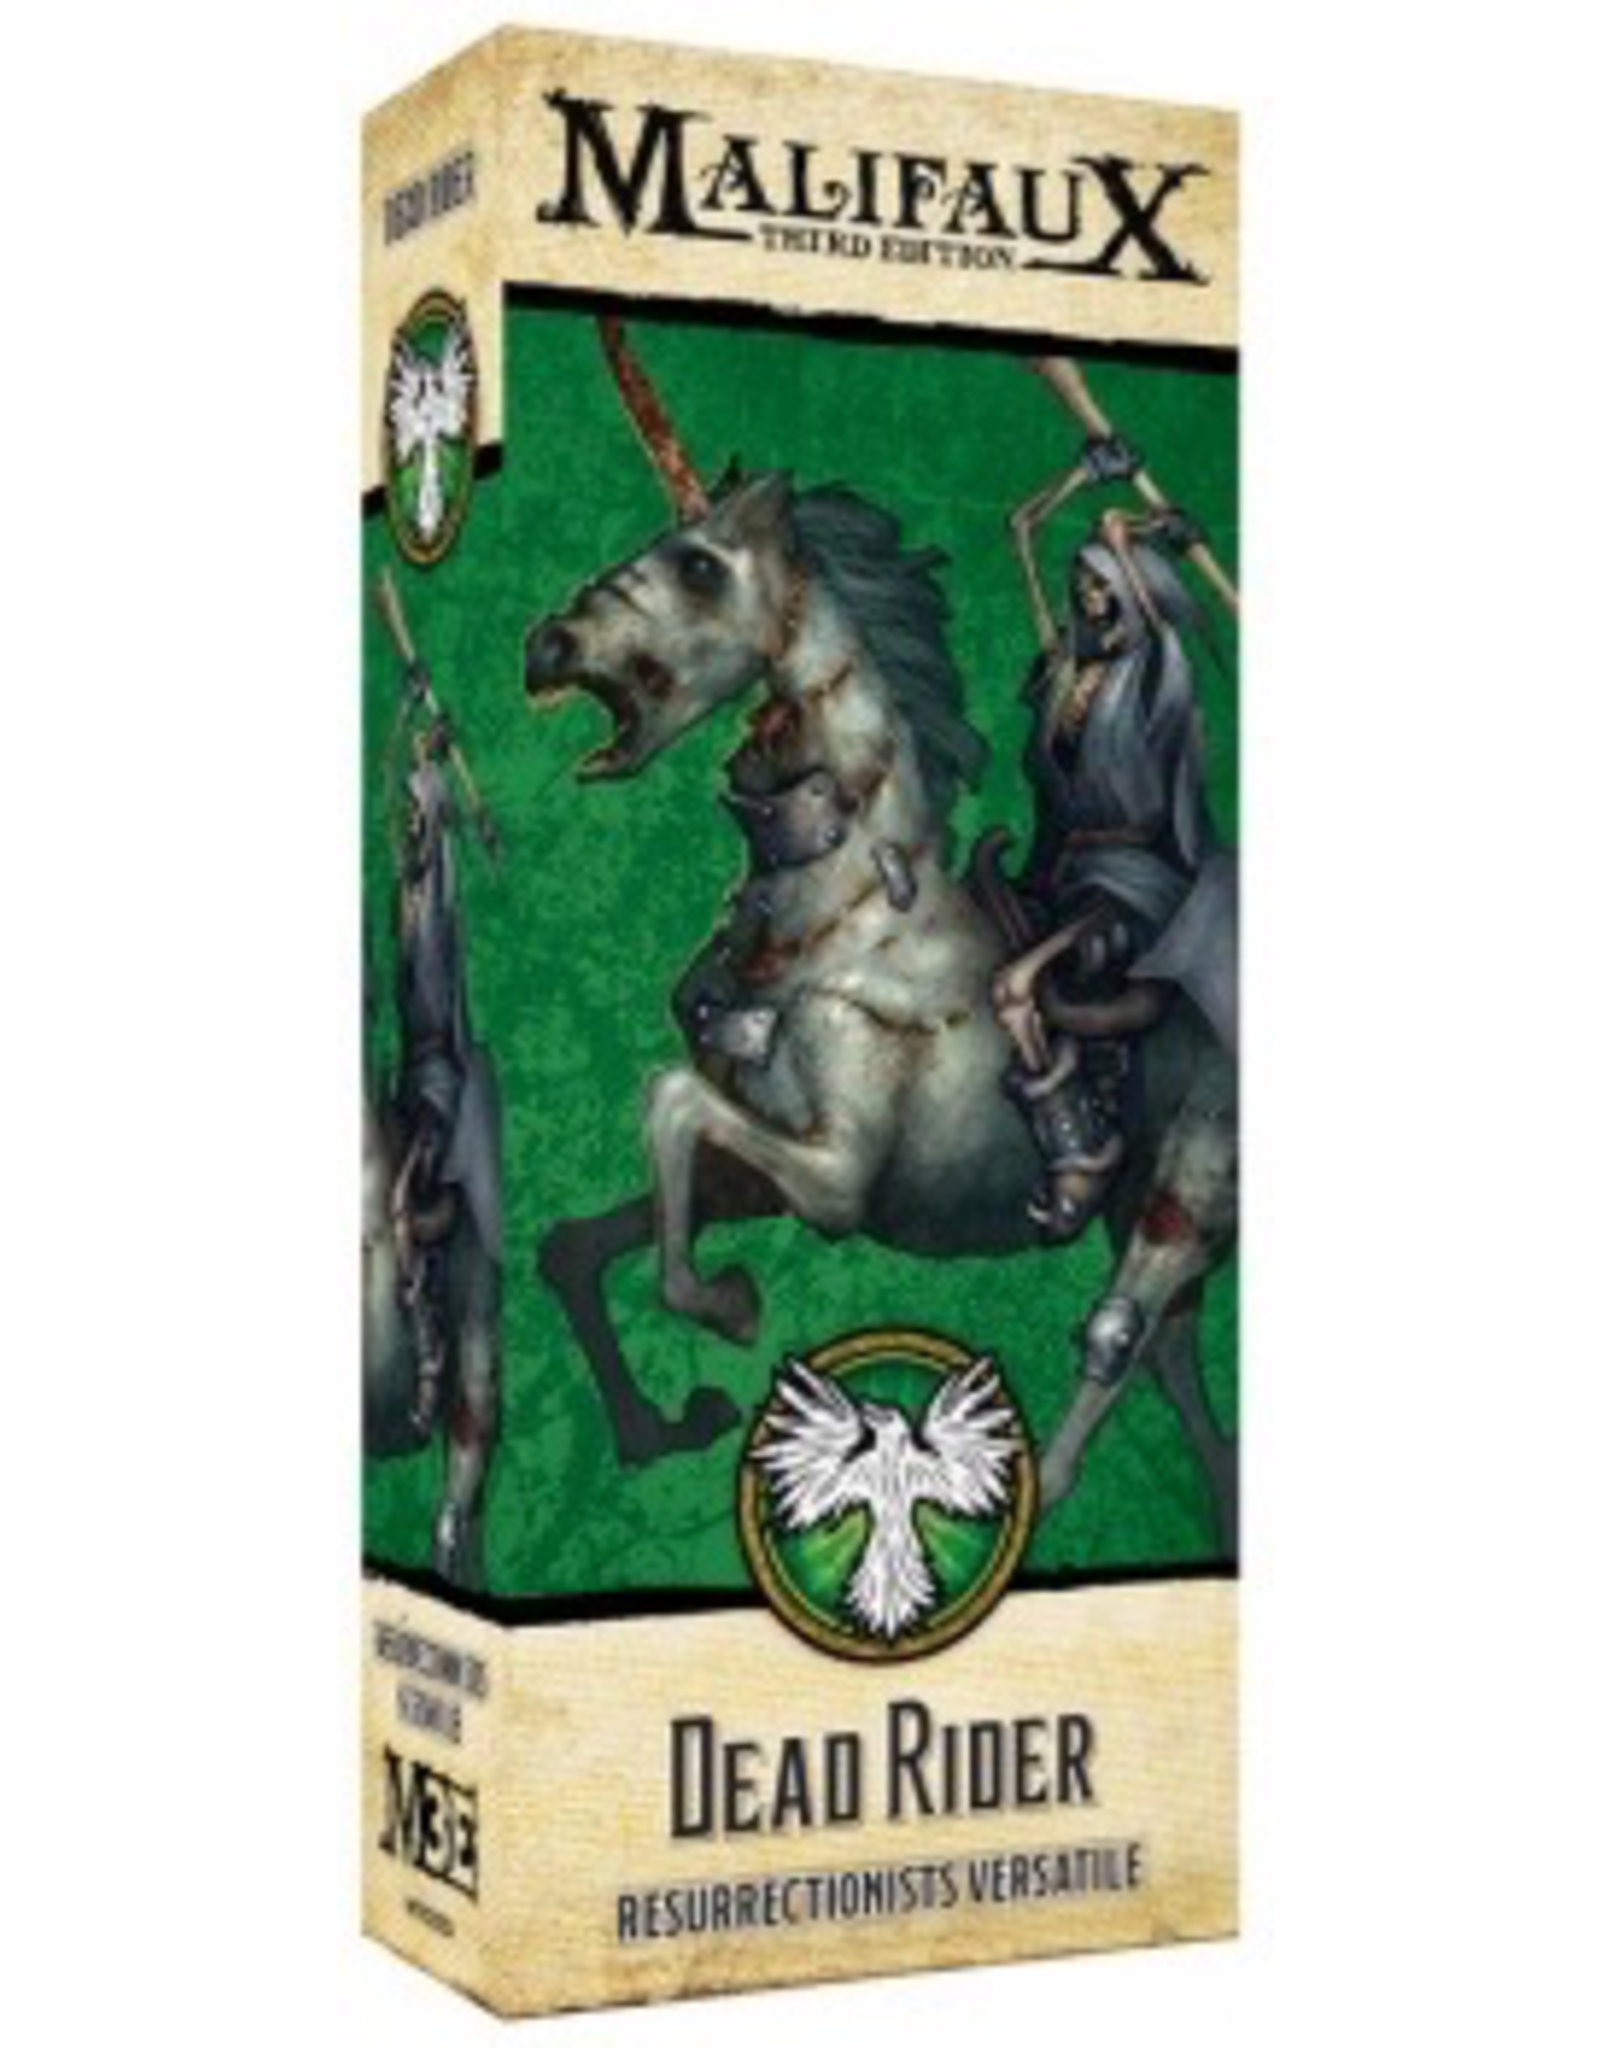 WYR - Malifaux Miniaturen Malifaux 3rd Edition - Dead Rider - EN